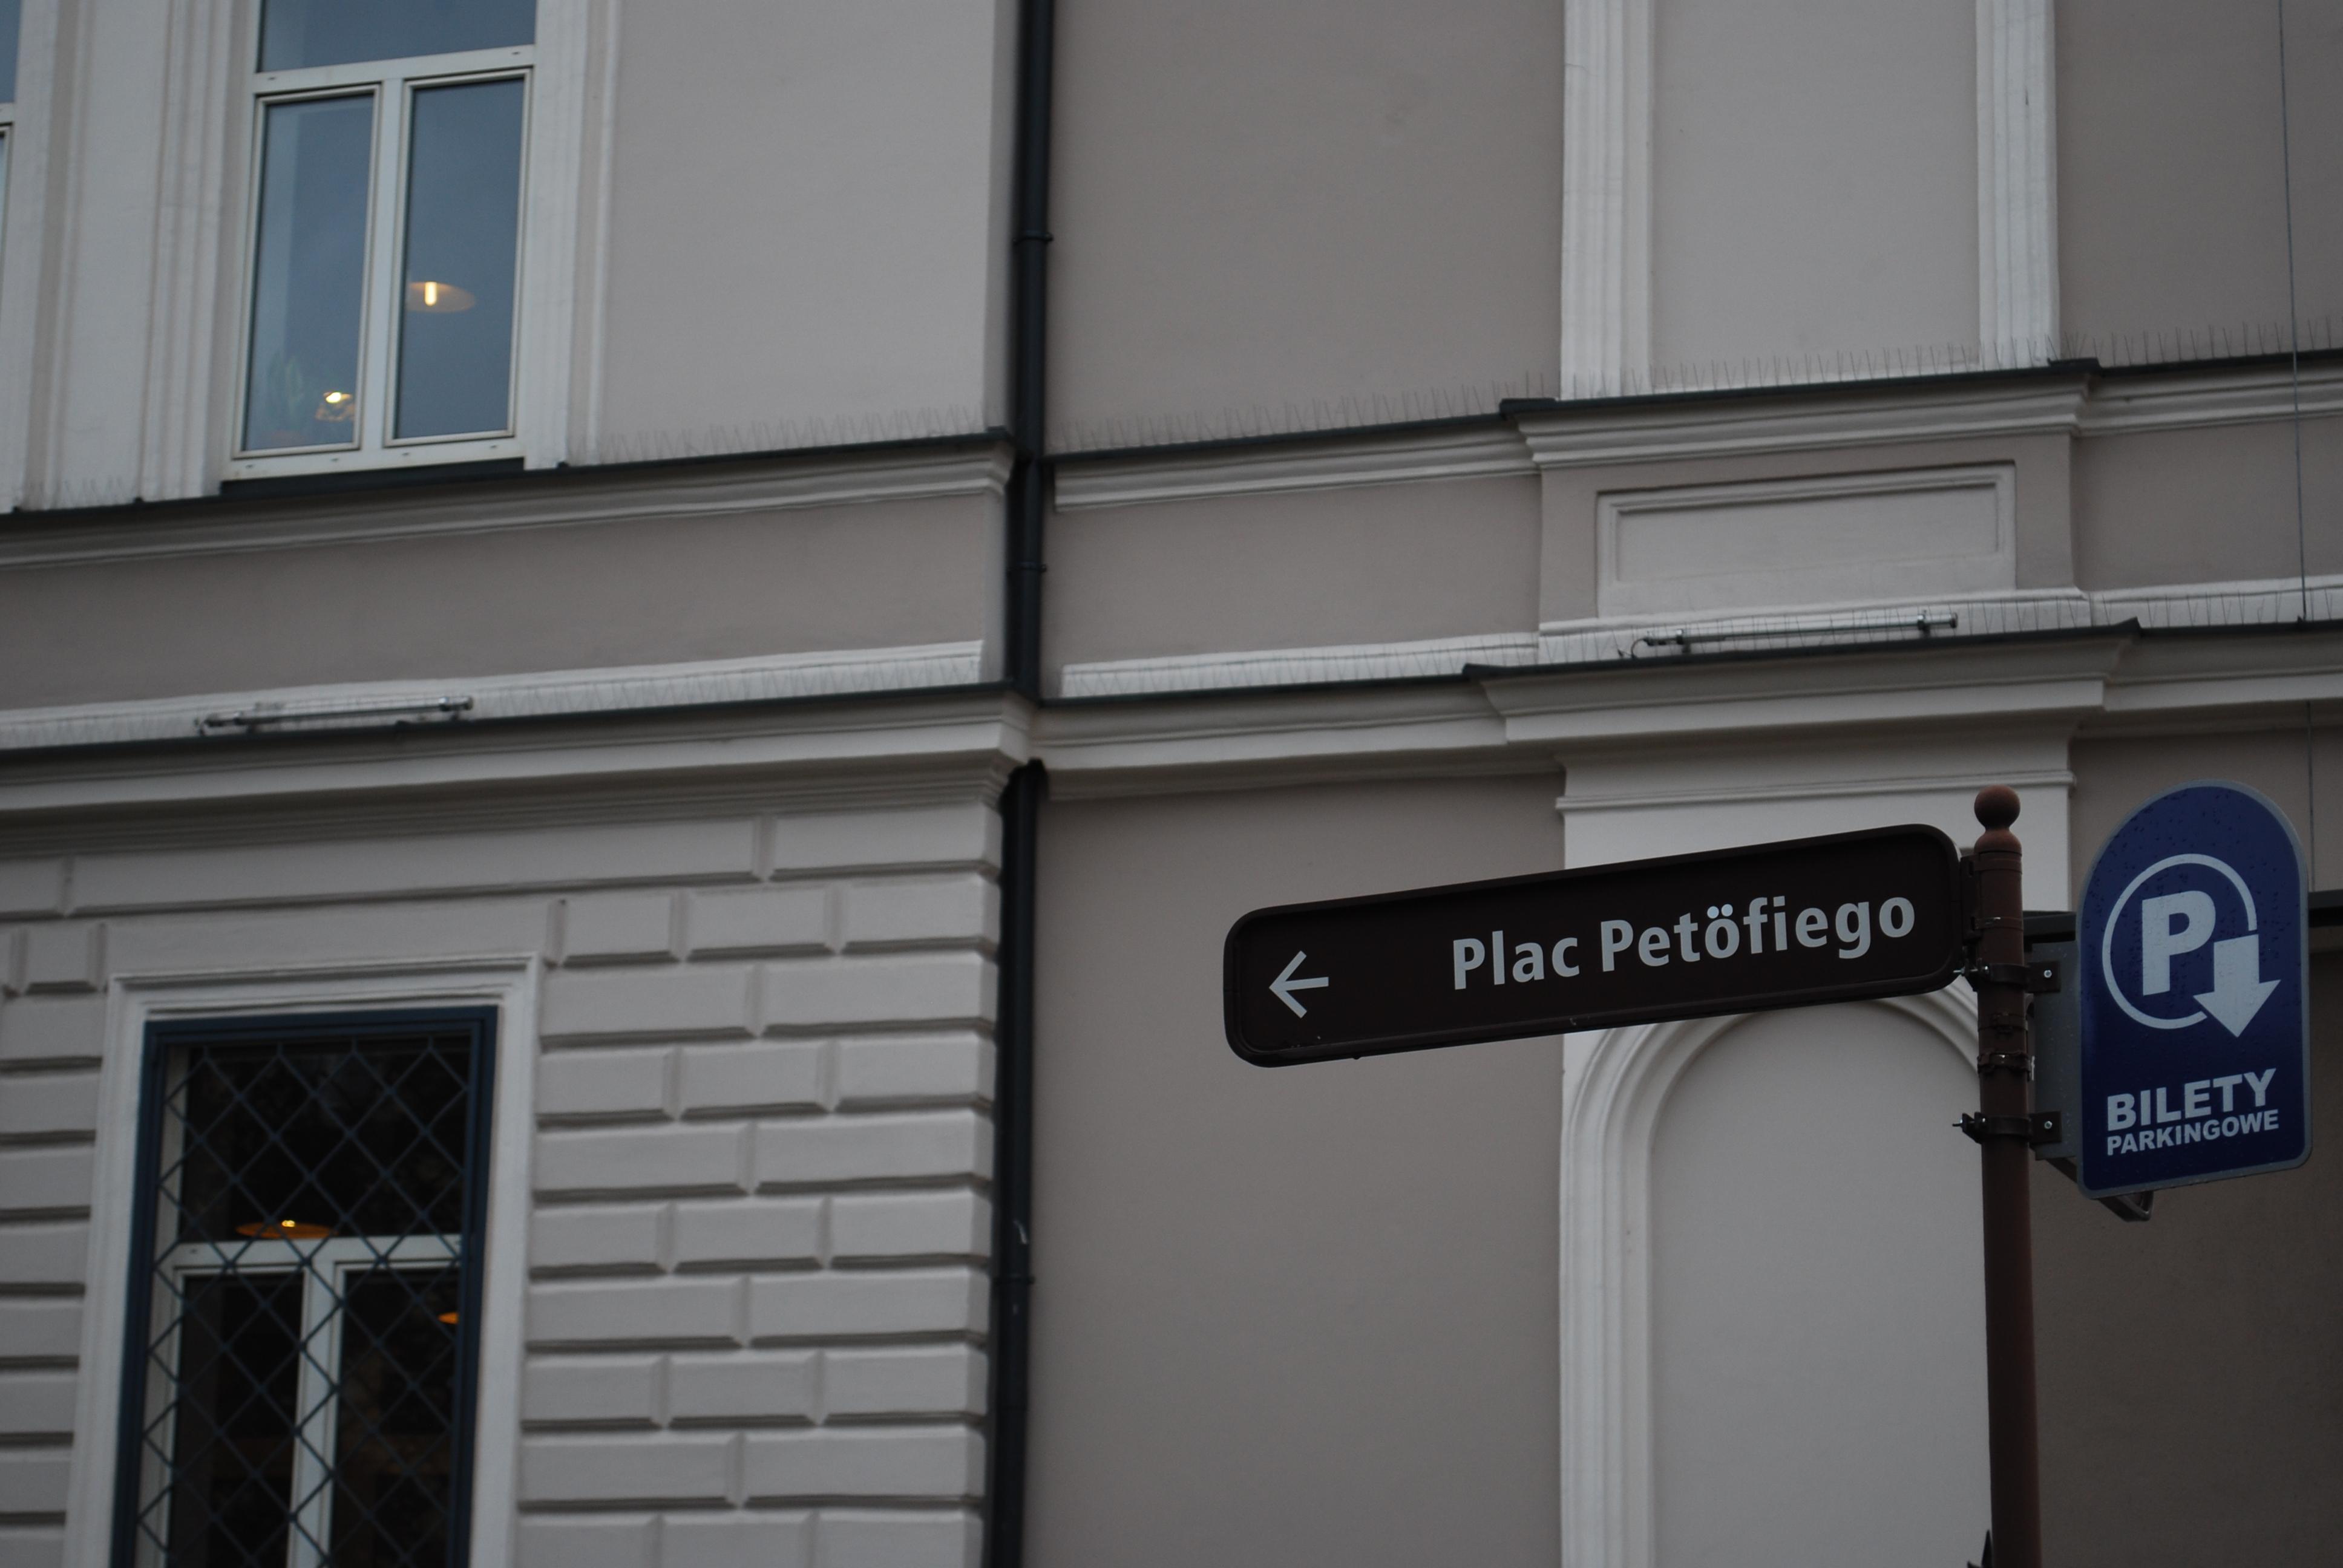 Minden városnak kell egy Petőfi utca, pont.